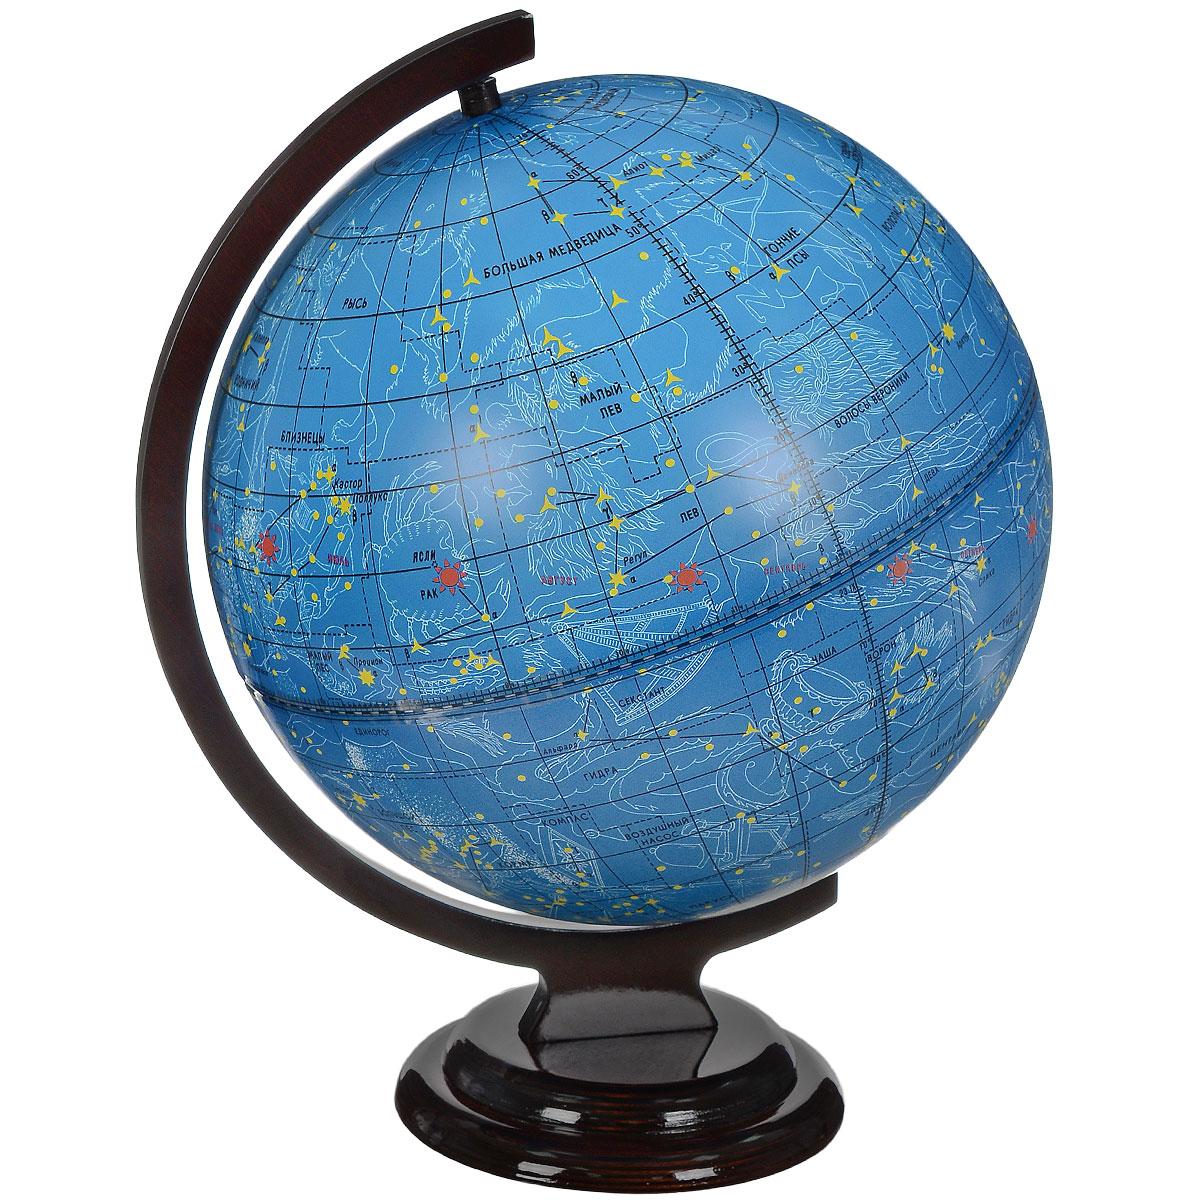 Глобусный мир Глобус звездного неба, диаметр 32 см. 10065FS-00897Глобус звездного неба Глобусный мир, изготовлен из высококачественного прочного пластика.Данная модель предназначена для ознакомления с космосом, звездами и созвездиями. На нем нанесены те же круги, что и на картах звёздного неба, - небесные параллели, меридианы, экватор и эклиптика.Такой глобус станет прекрасным подарком и учебным материалом для дальнейшего изучения астрономии. Помимо этого, глобус обладает приятной цветовой гаммой. Изделие расположено на деревянной подставке.Настольный глобус звездного неба Глобусный мир станет оригинальным украшением рабочего стола или вашего кабинета. Это изысканная вещь для стильного интерьера, которая станет прекрасным подарком для современного преуспевающего человека, следующего последнимтенденциям моды и стремящегося к элегантности и комфорту в каждой детали. Масштаб: 1:40 000 000.